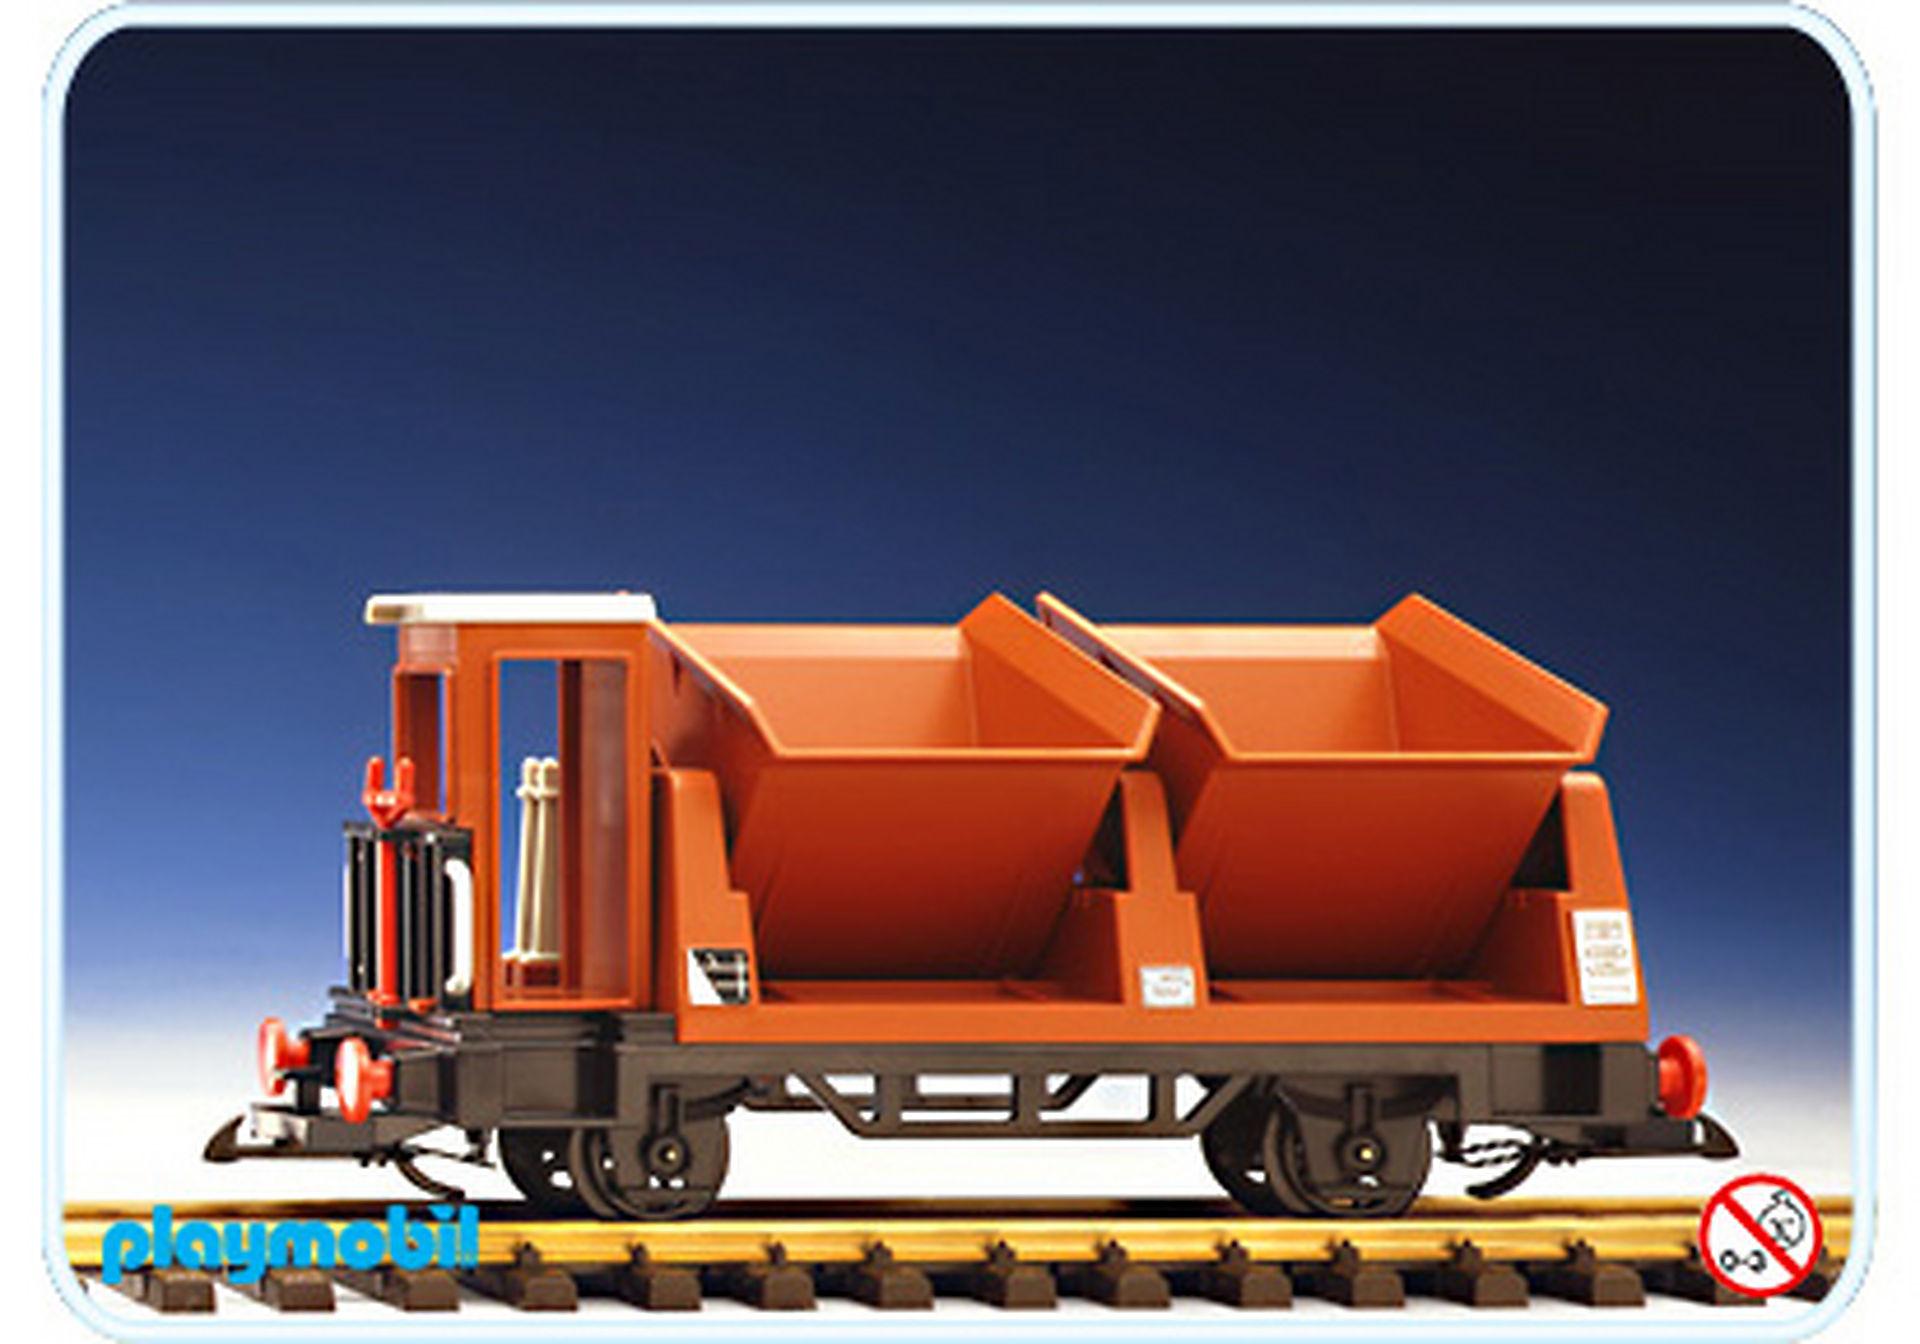 http://media.playmobil.com/i/playmobil/4112-A_product_detail/Kipplore